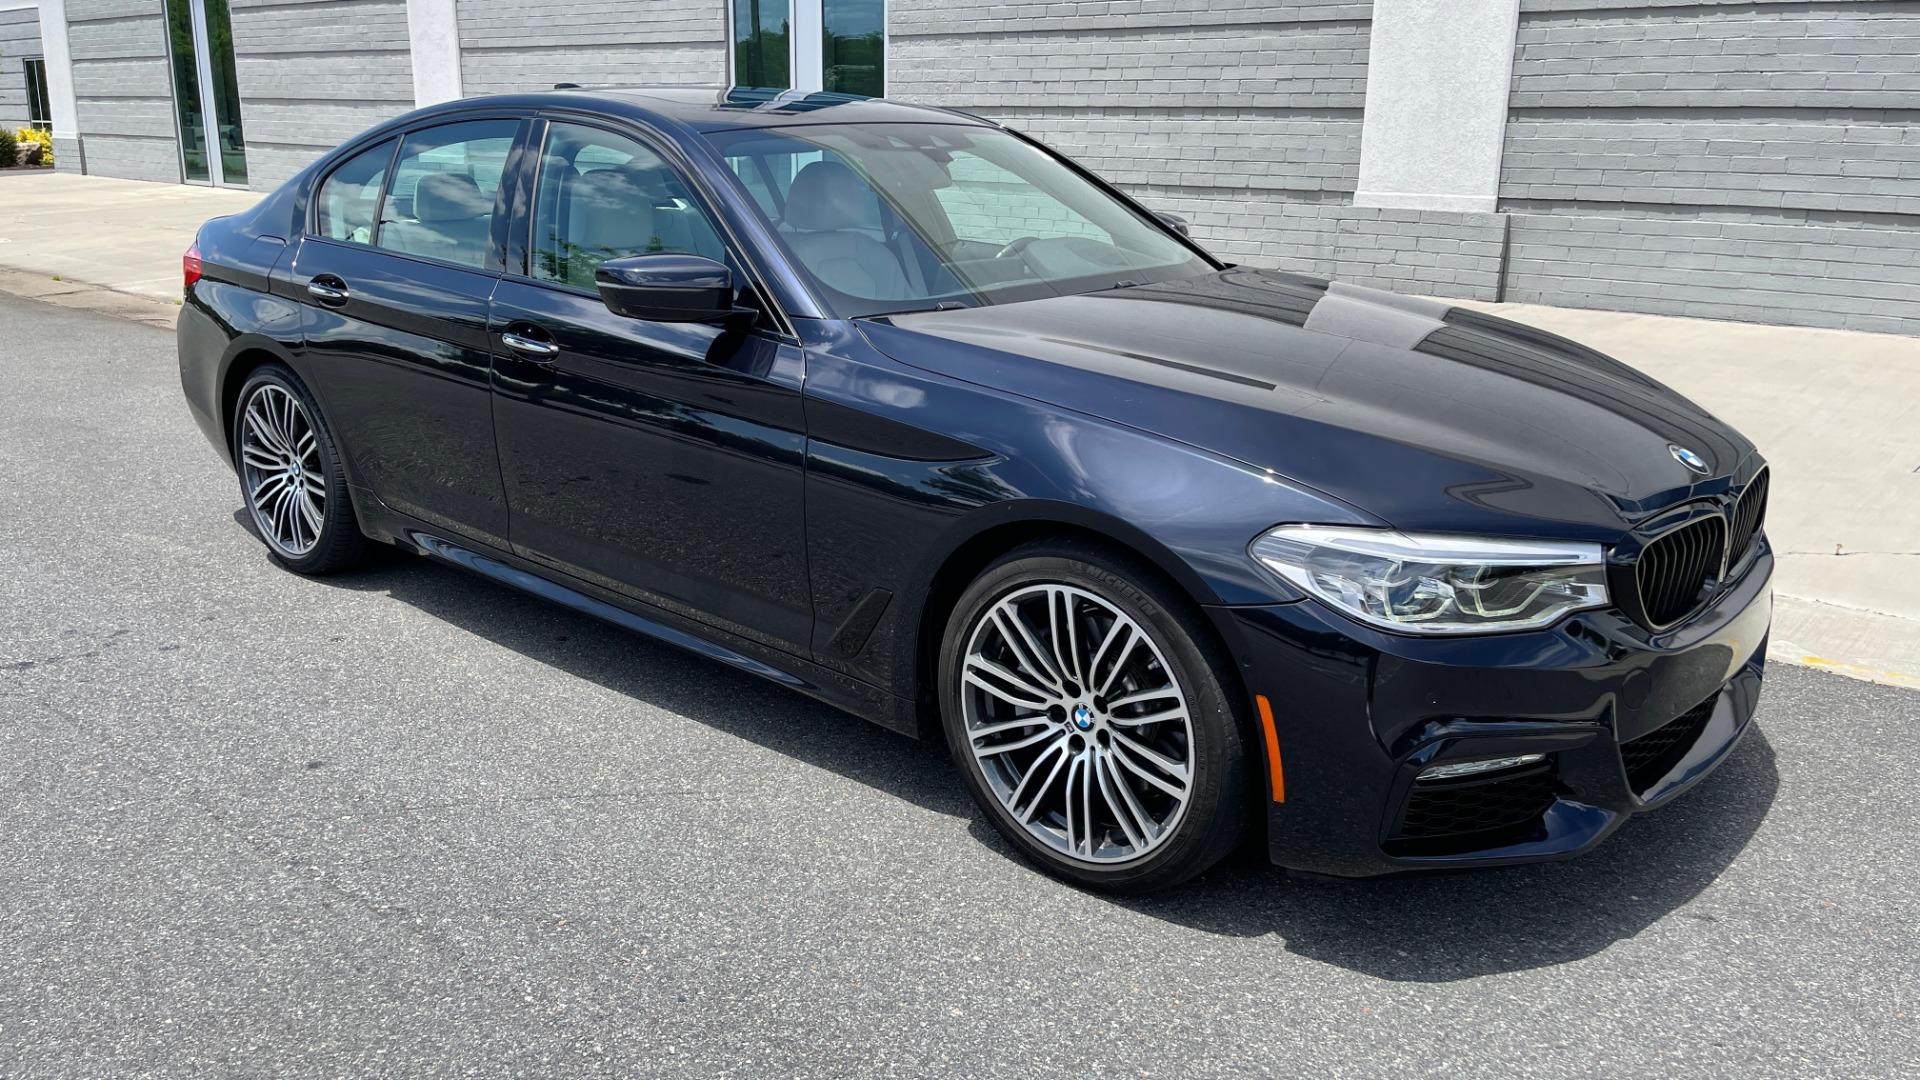 Used 2018 BMW 5 SERIES 540I M-SPORT / EXECUTIVE PKG / DRVR ASST PKG / BLIND SPOT / LANE DEPART for sale $40,995 at Formula Imports in Charlotte NC 28227 6